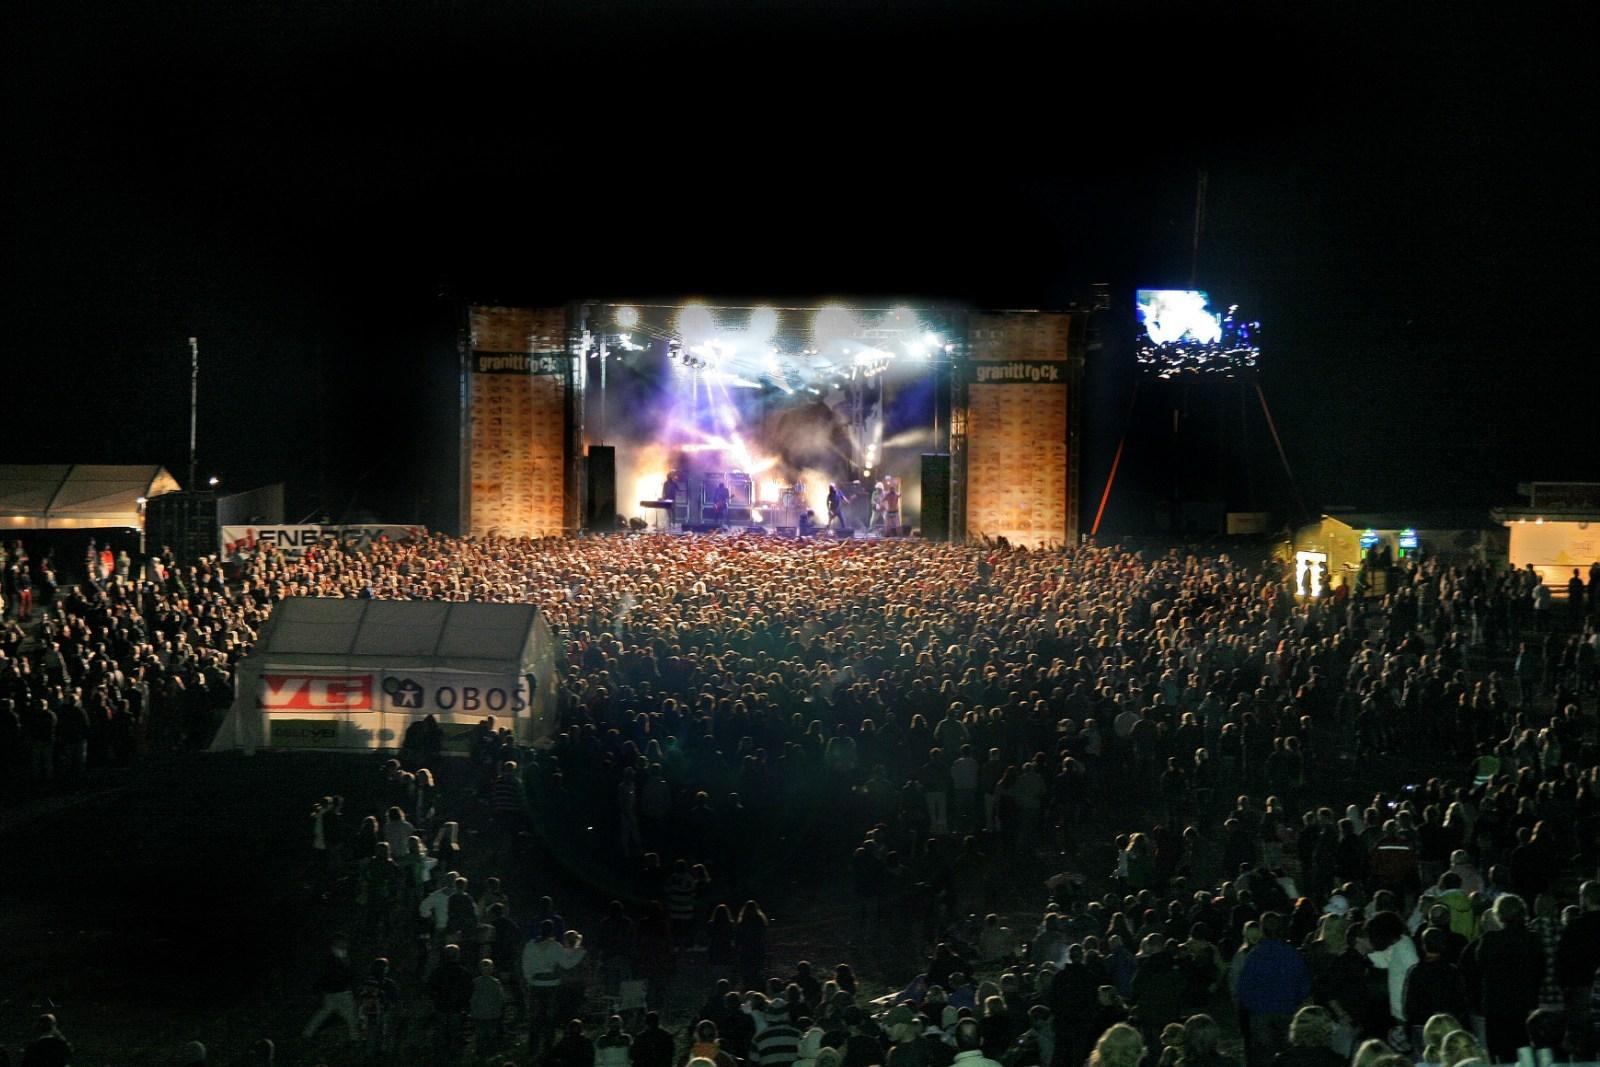 Granite摇滚音乐节